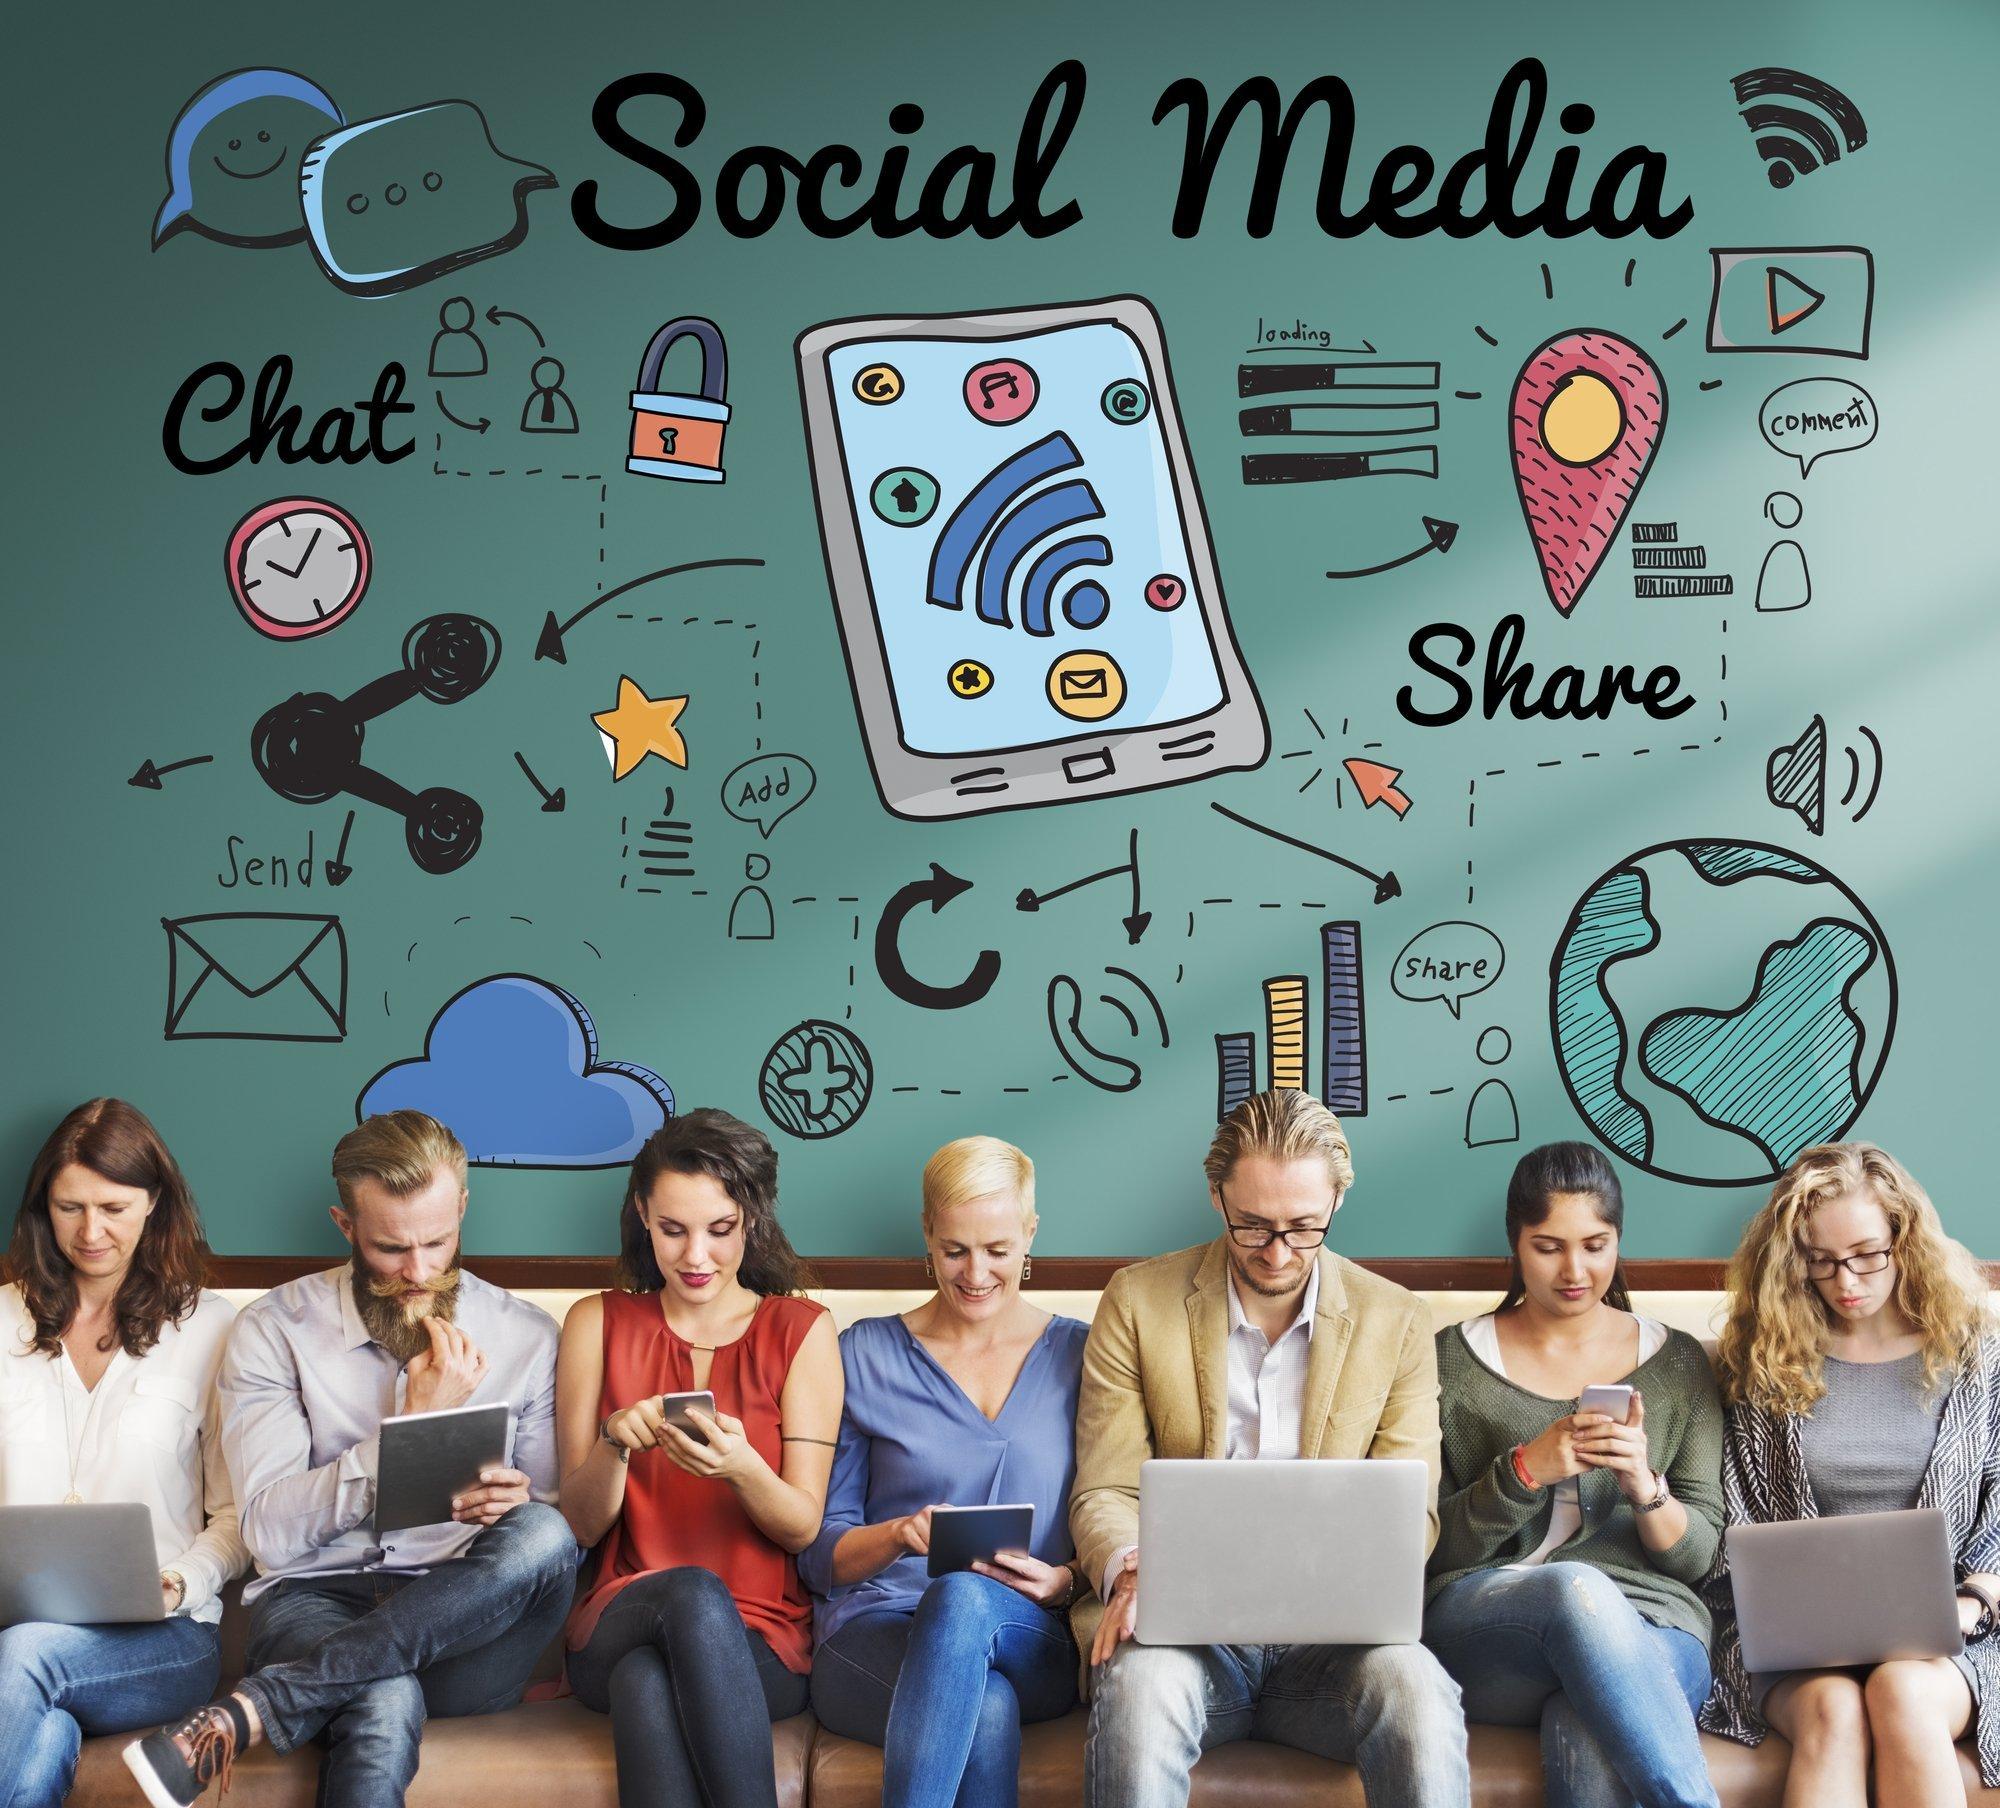 This Week's Industry News Video Featuring: Tweet Trolls Google and Lorum Whoopsum!